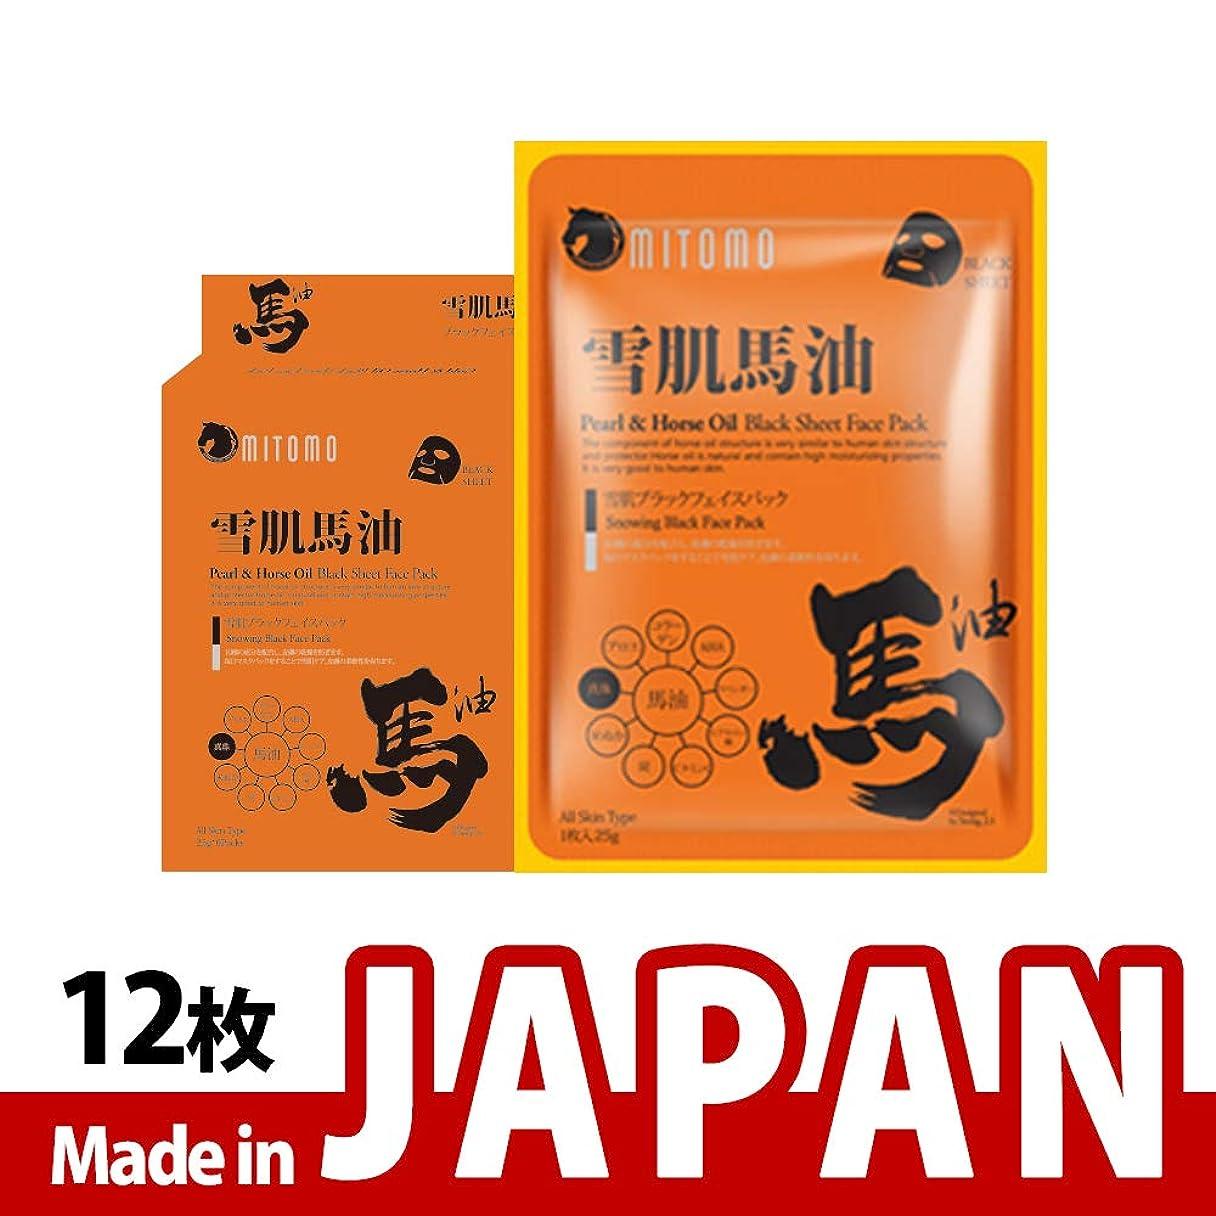 切り刻むメダリストモールMITOMO【MC740-A-1】日本製シートマスク/6枚入り/12枚/美容液/マスクパック/送料無料